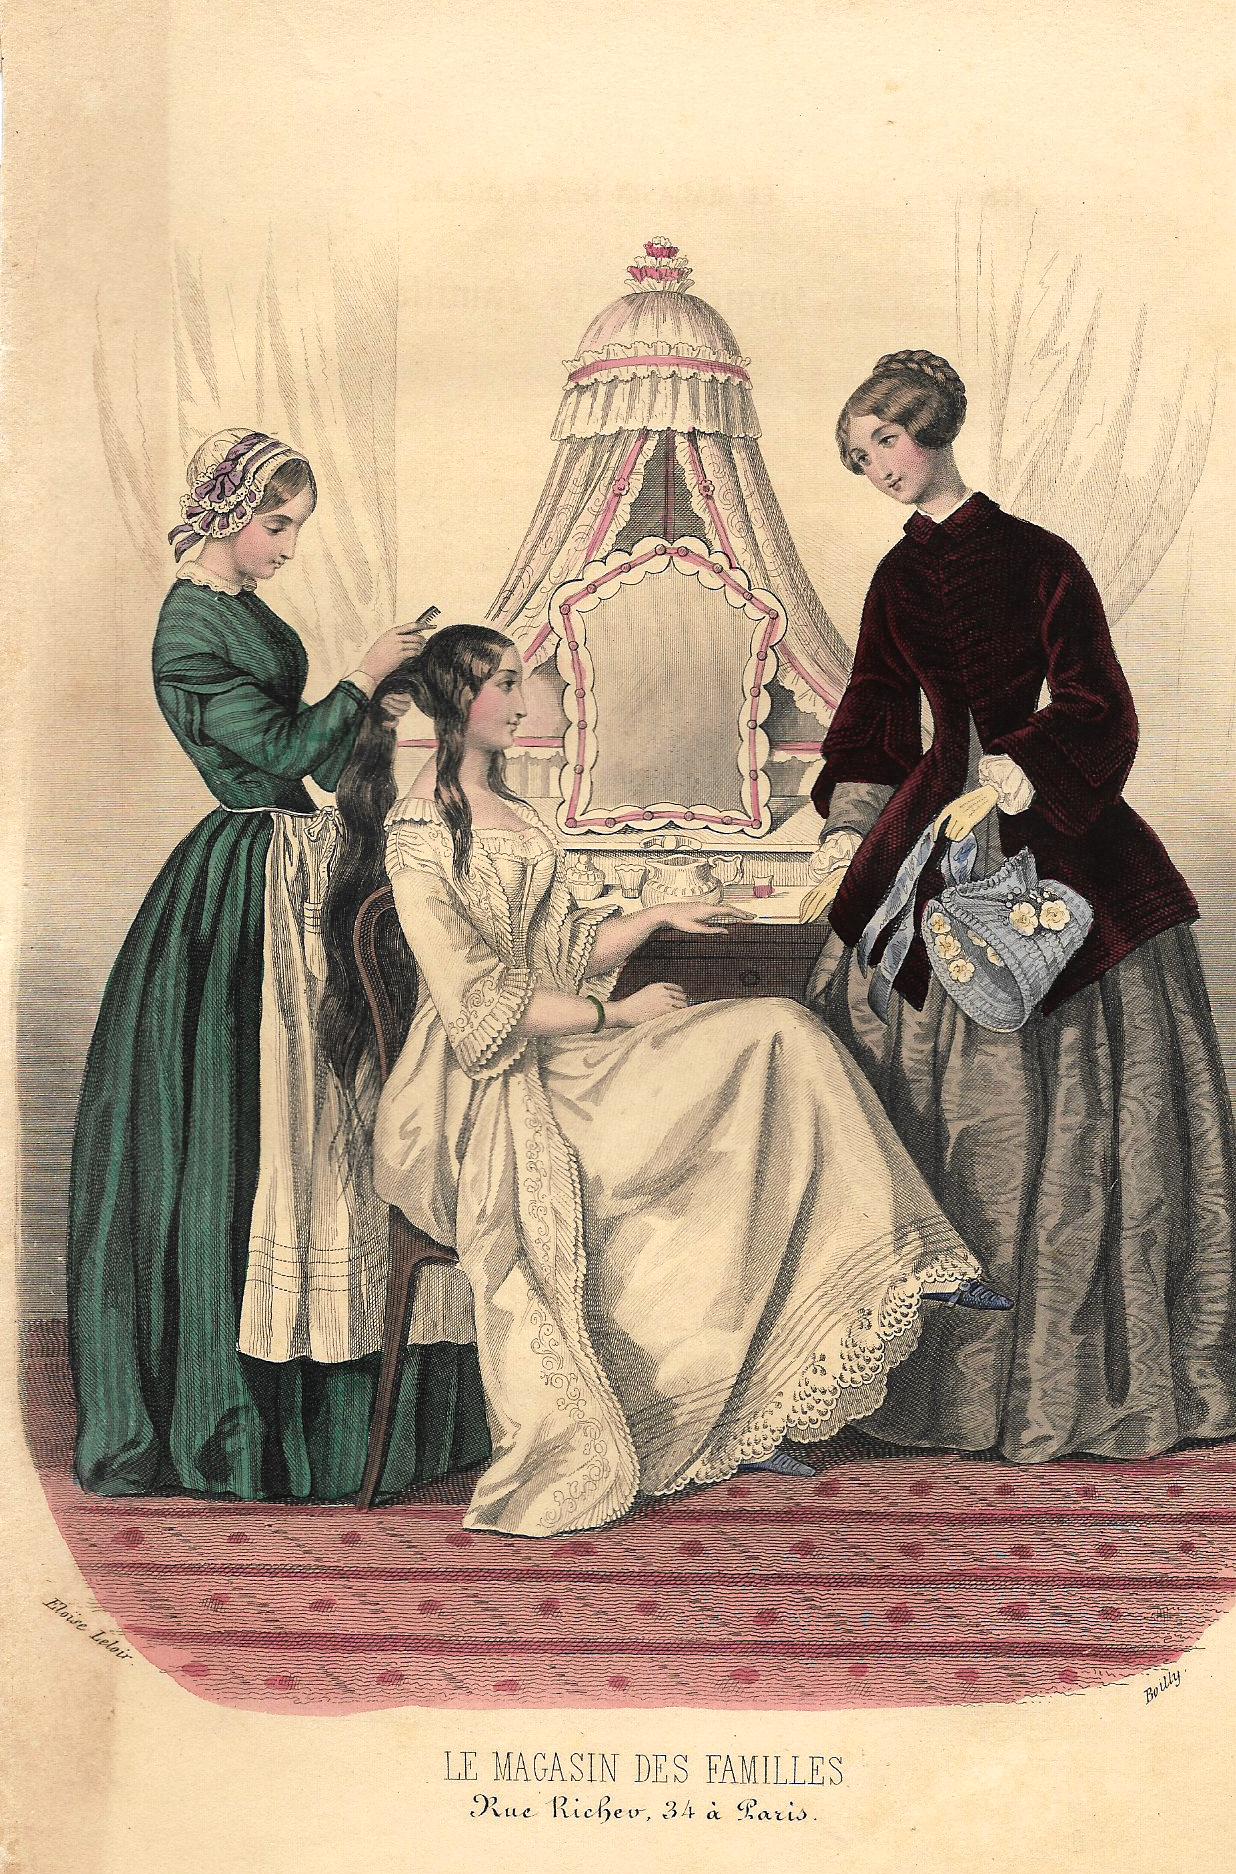 Le Magasin des Familles Fashion Plate - 1850